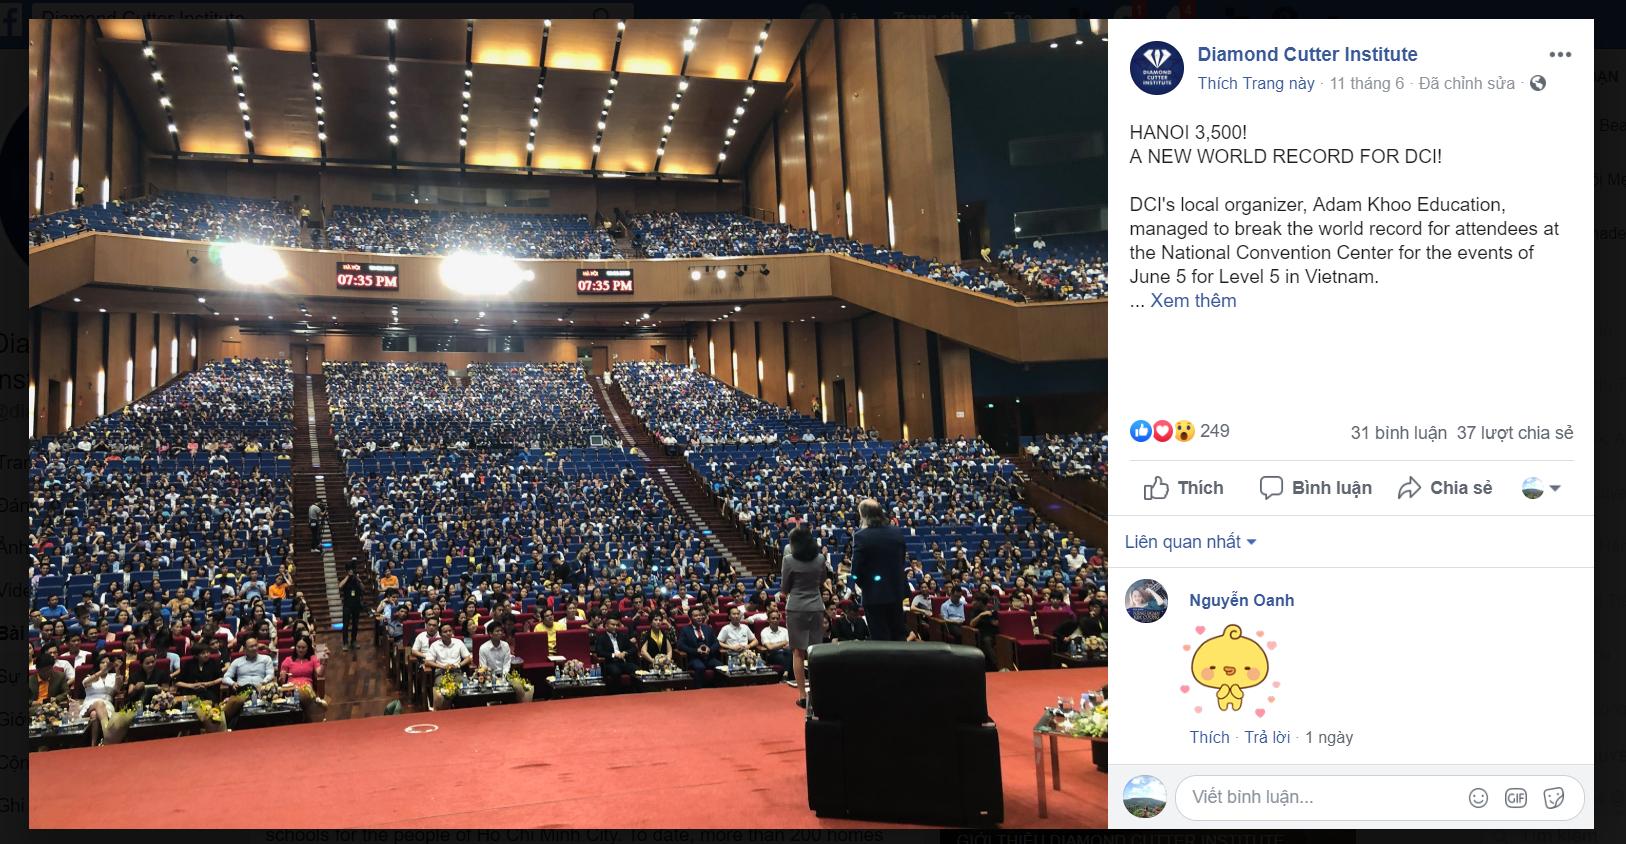 Năng Đoạn Kim Cương Việt Nam chính thức phá vỡ kỷ lục Cộng đồng Năng Đoạn Kim Cương Toàn Cầu